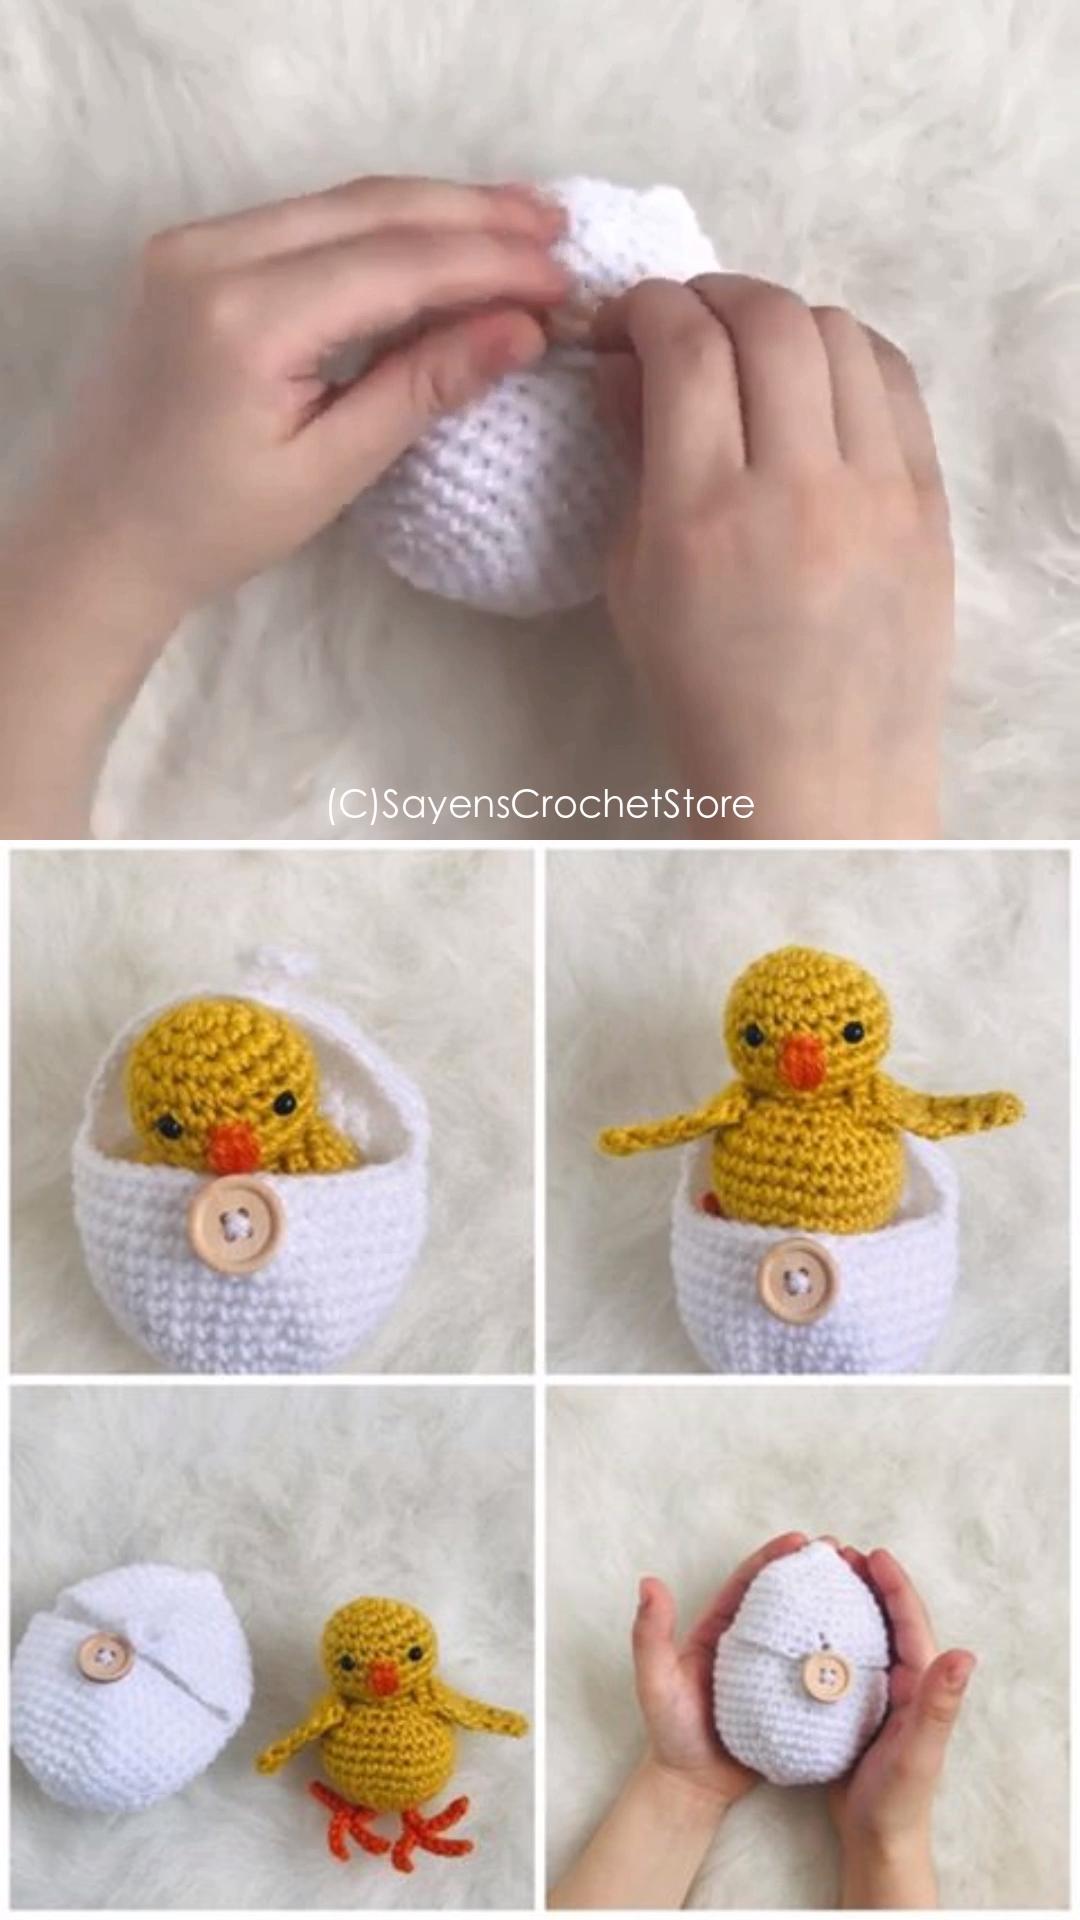 Crochet Hatching Chicken Egg Pattern - Adorable for an easter basket filler. Easter crochet pattern. Etsy find affiliate link